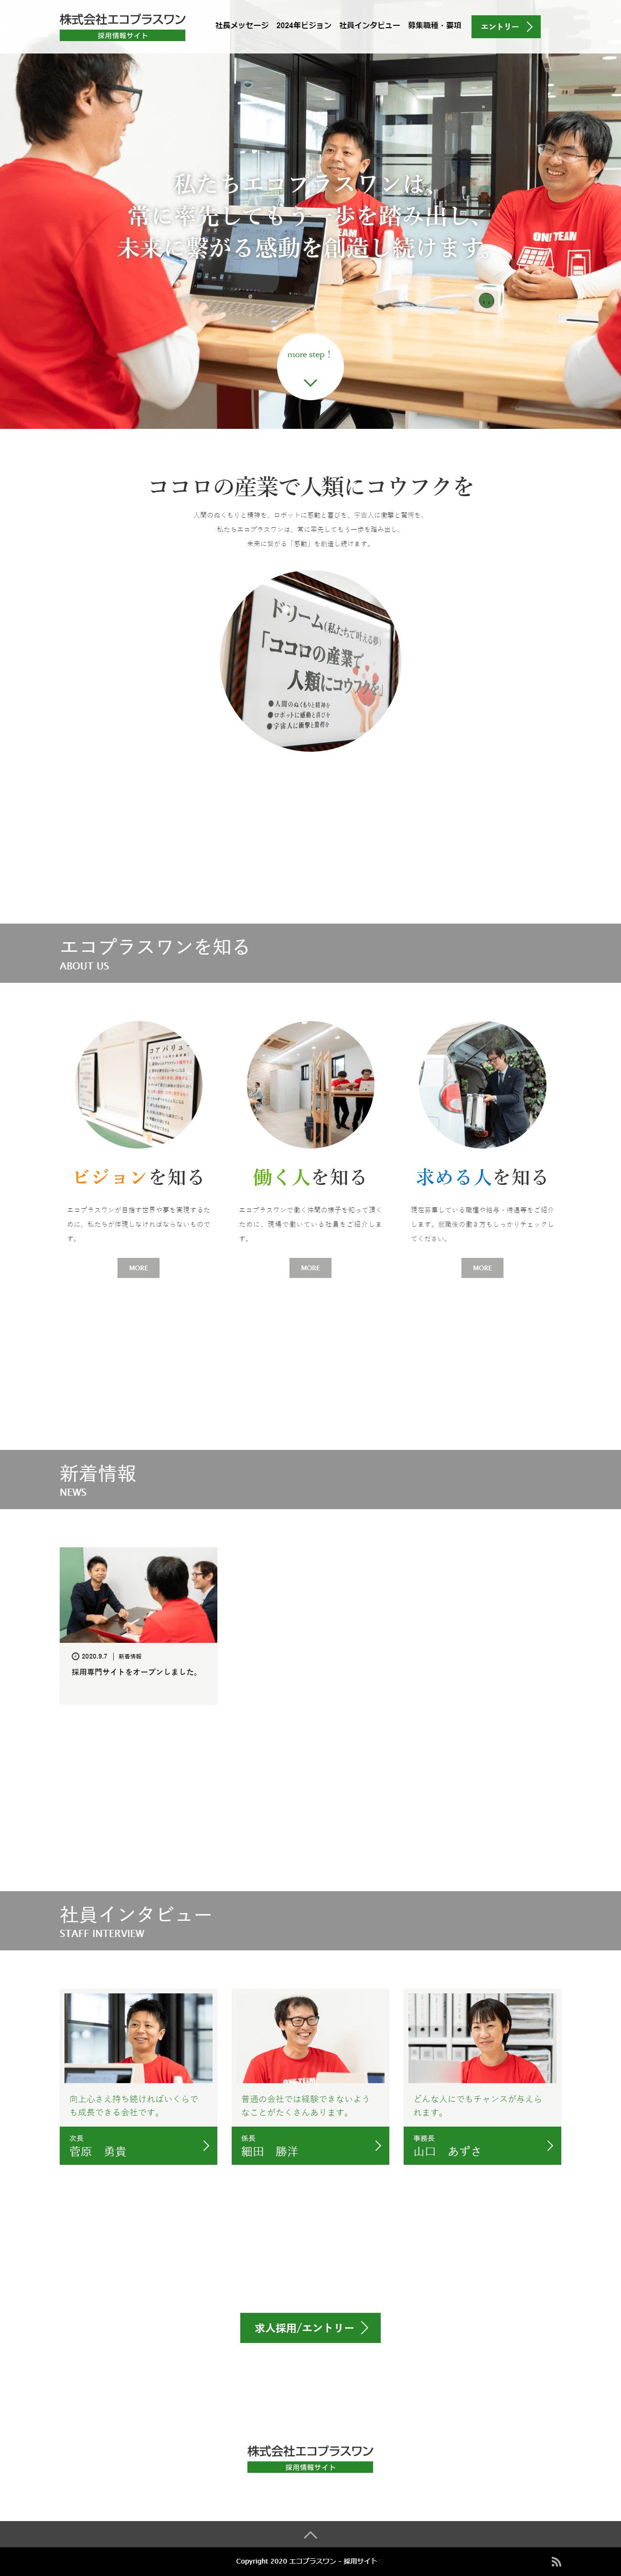 加古川市 株式会社エコプラスワン 採用情報サイト制作1